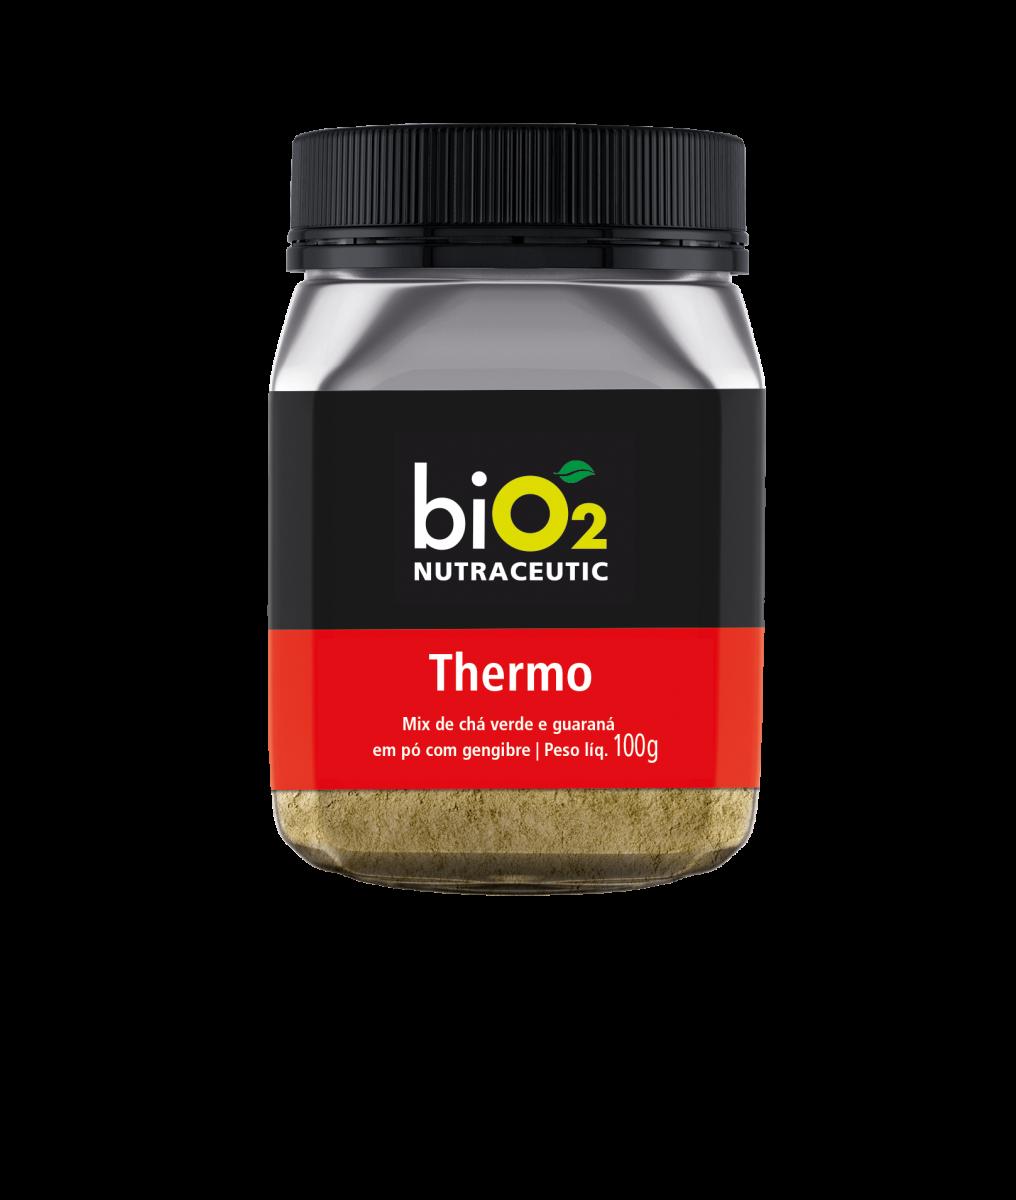 Nutraceutic Thermo (100g) BiO2